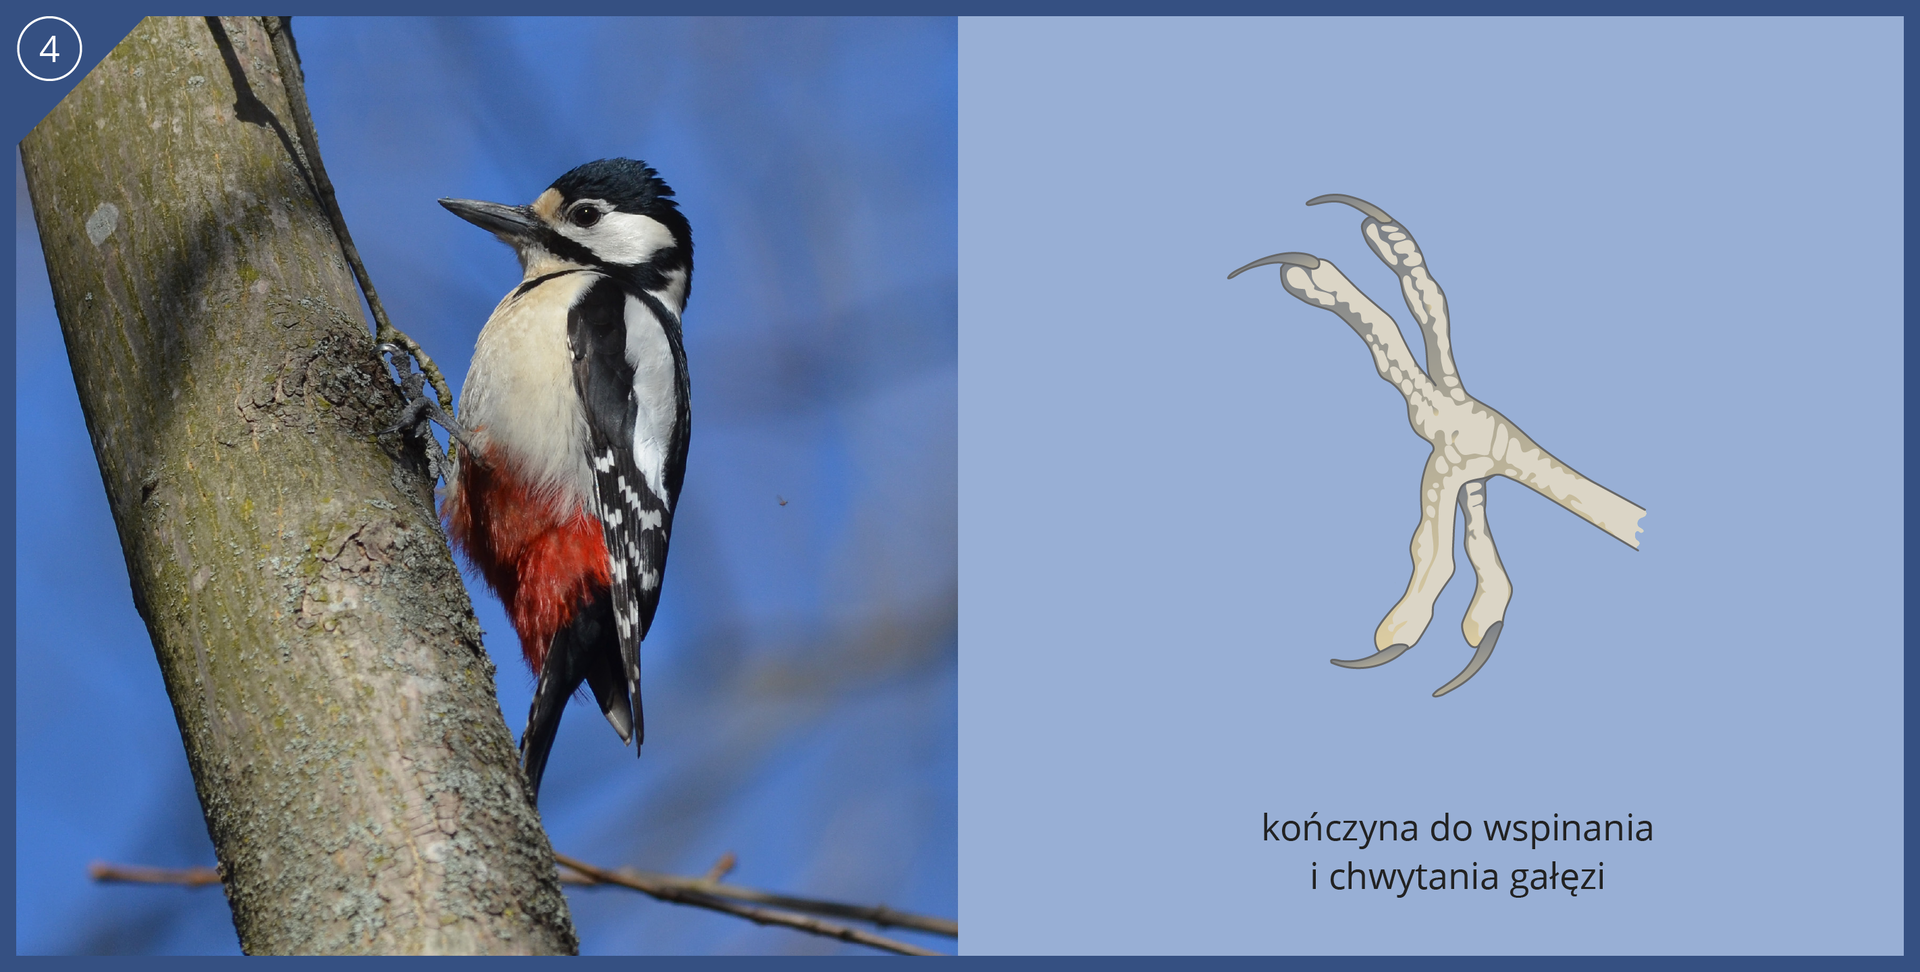 Fotografia przedstawia dzięcioła, siedzącego głową wgórę na ukośnym pniu. Czarno – biały ptak ma czerwony kuper ipodpiera się ogonem. Dziób prosty, mocny. Palcami trzyma się pnia. Ilustracja przedstawia kończynę do wspinania ichwytania gałęzi. Biała noga ma cztery palce równej długości, zdługimi, zakrzywionymi pazurami. Dwa palce skierowane wgórę, dwa wdół.